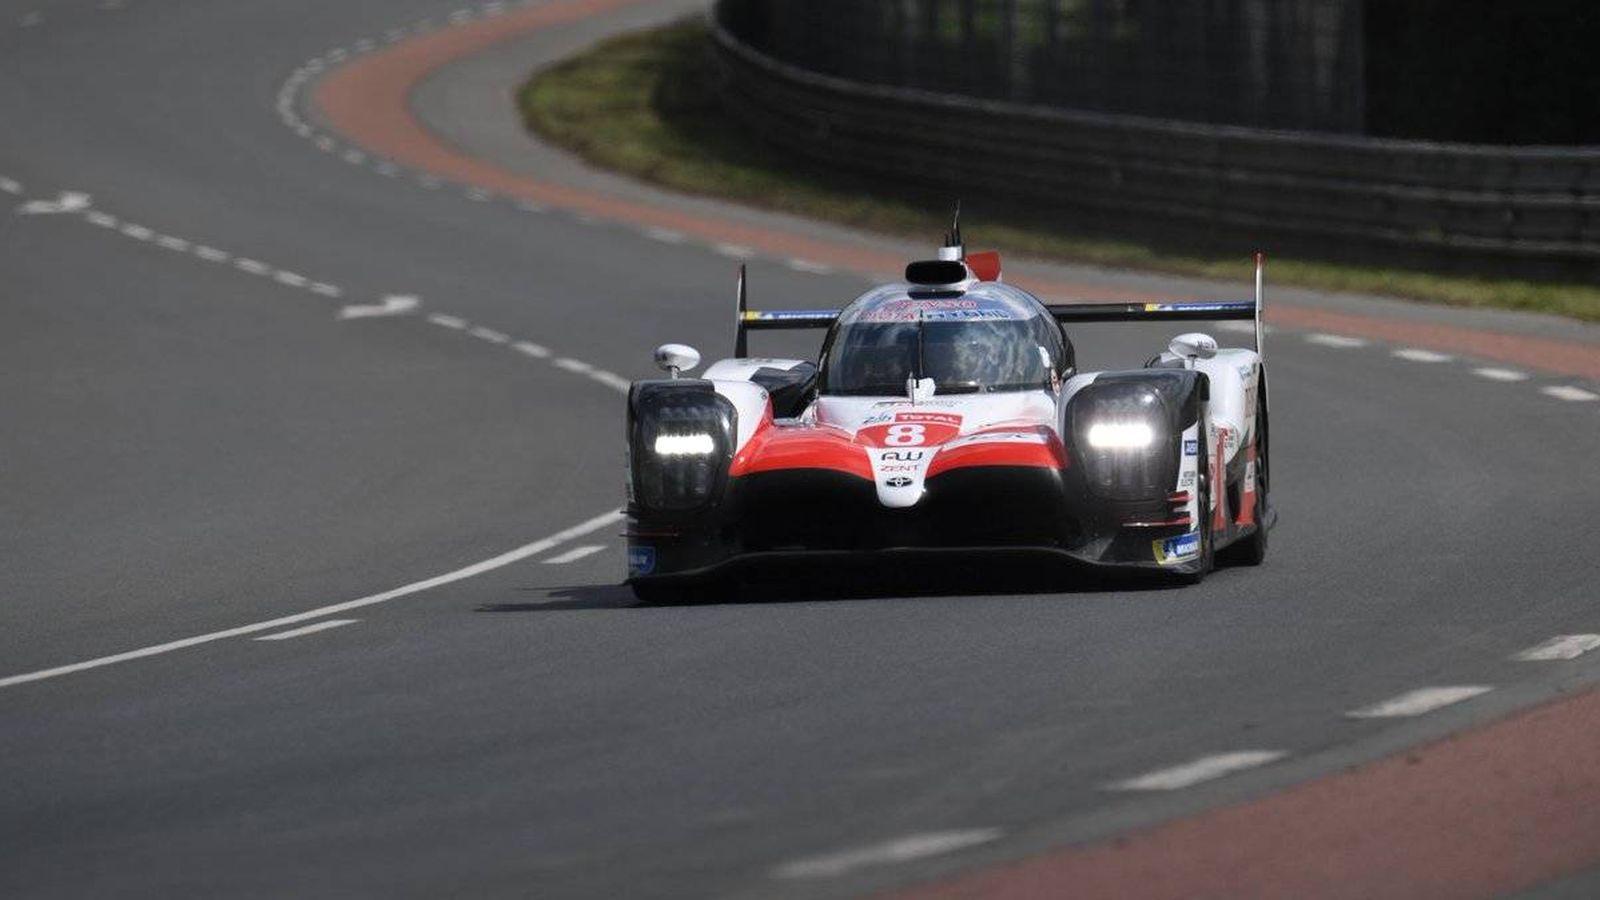 Foto: El Toyota de Alonso rueda sobre el trazado de Le Mans (Twitter: @Toyota_Hybrid)